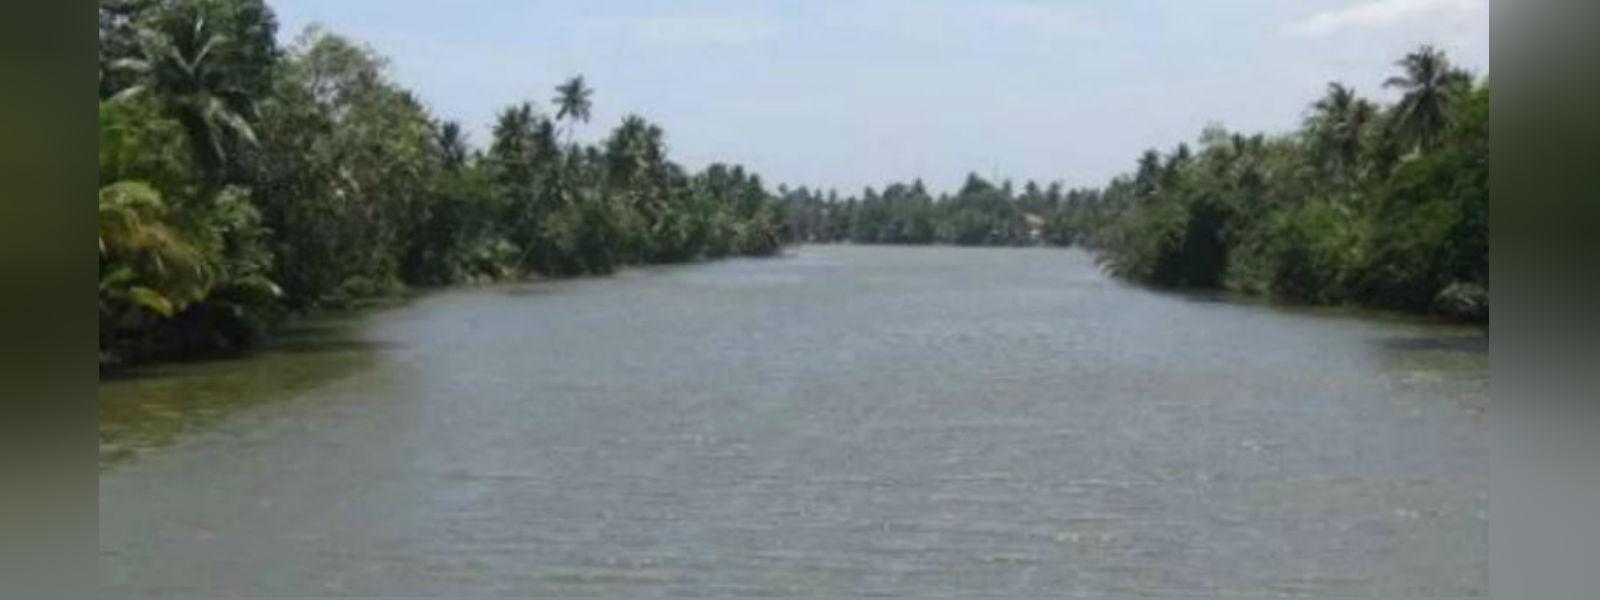 நில்வளா கங்கை நீர்மட்டம் அதிகரிப்பு: அவதானத்துடன் செயற்படுமாறு மக்களுக்கு அறிவுறுத்தல்